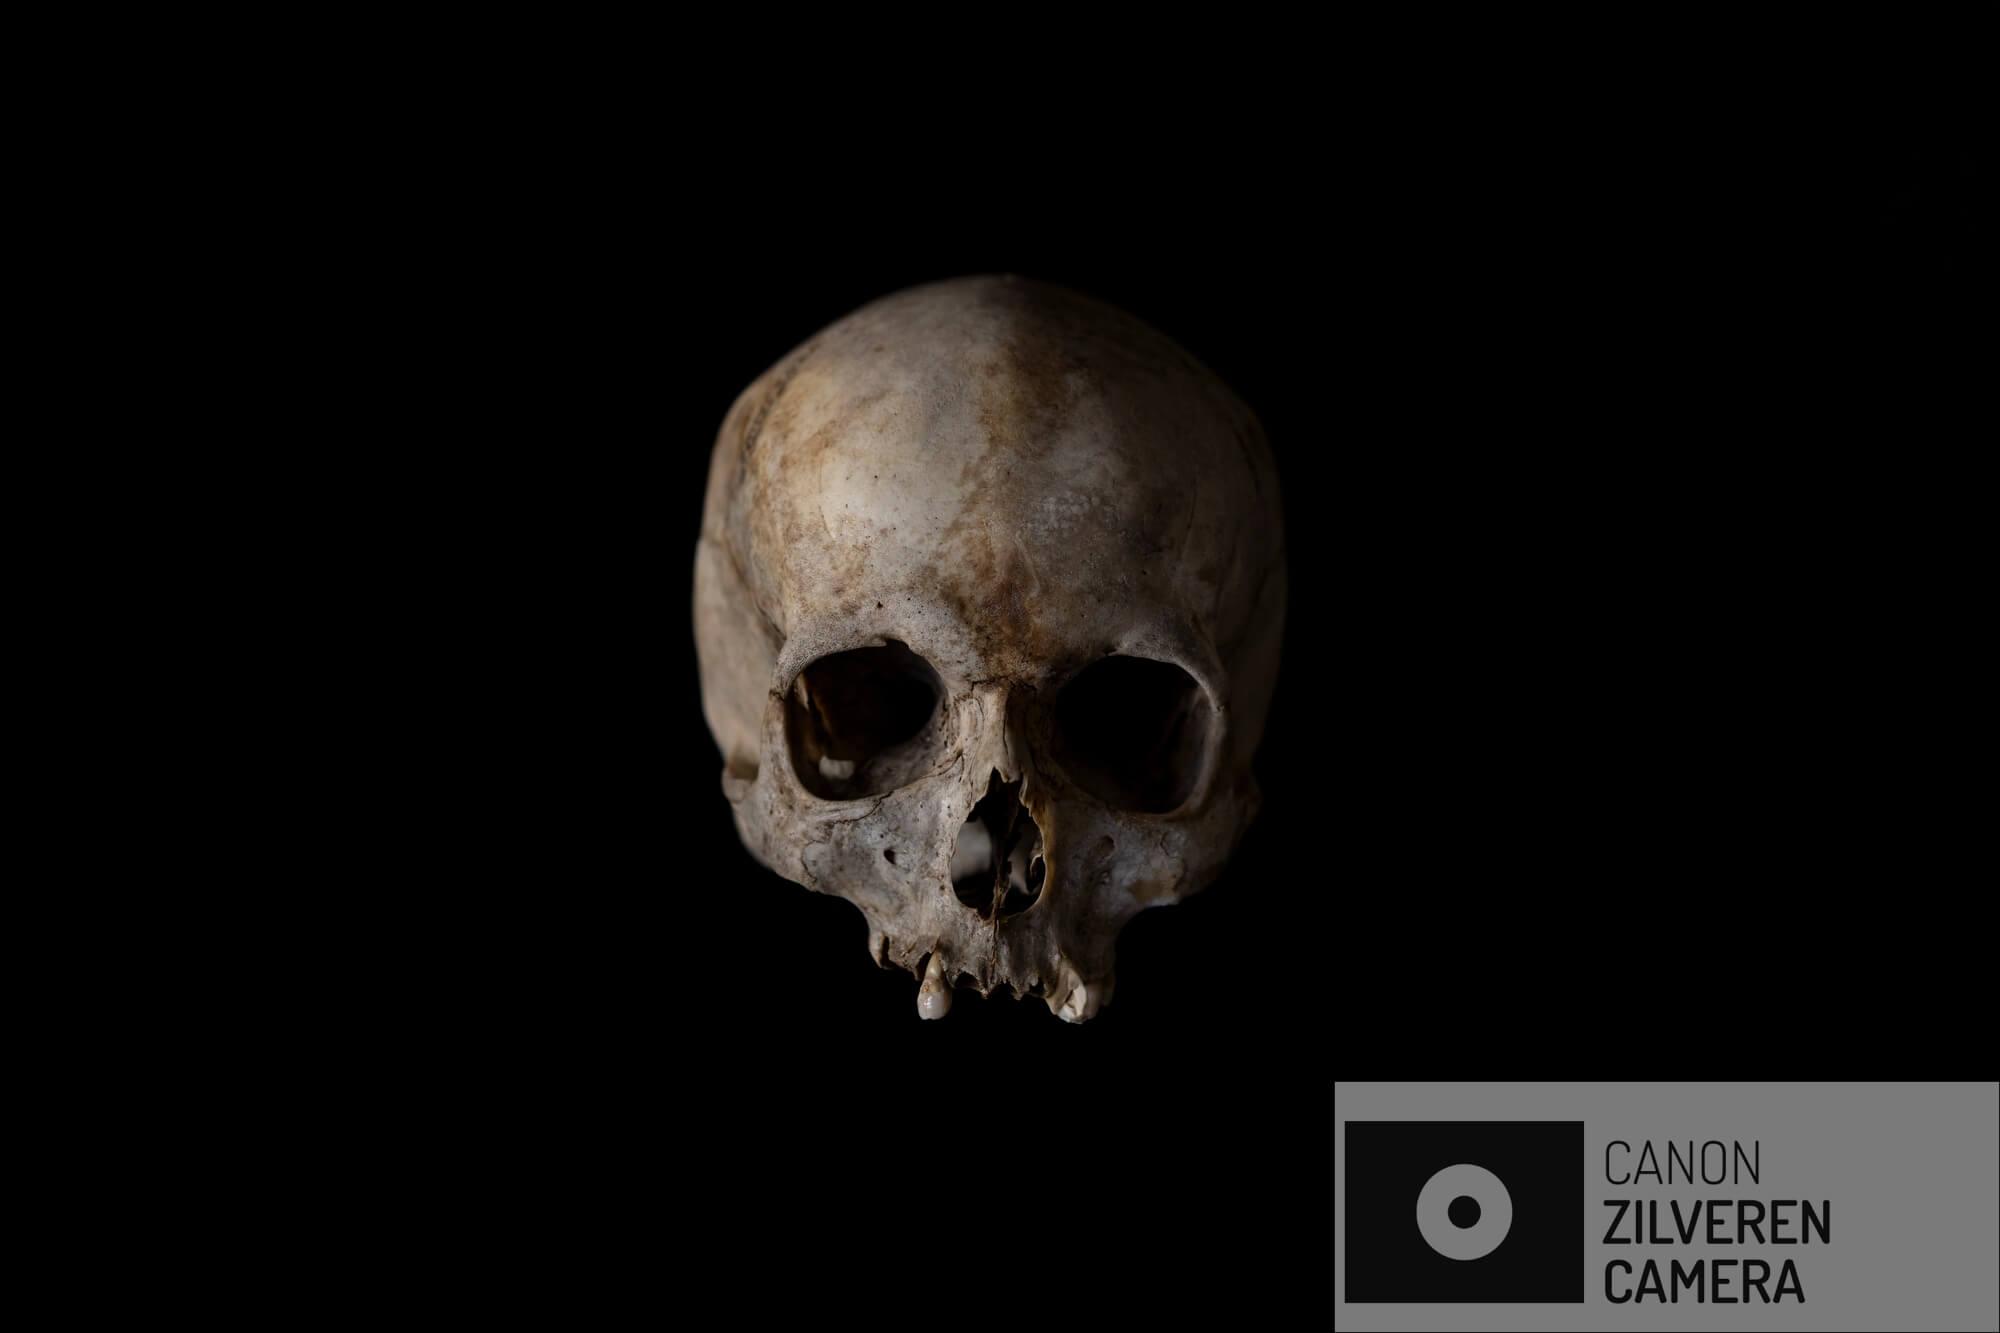 Het schedel van een ongeïdentificeerde volwassen man gevonden in 2017, ligt in het mortuarium van Johannesburg for identificatie doeleinden. Zodra een demografisch profiel is aangemaakt, zal het schedel naar het identificatie centrum van de Zuid-Afrikaanse politie worden gebracht om een reconstructie van het gezicht te maken.